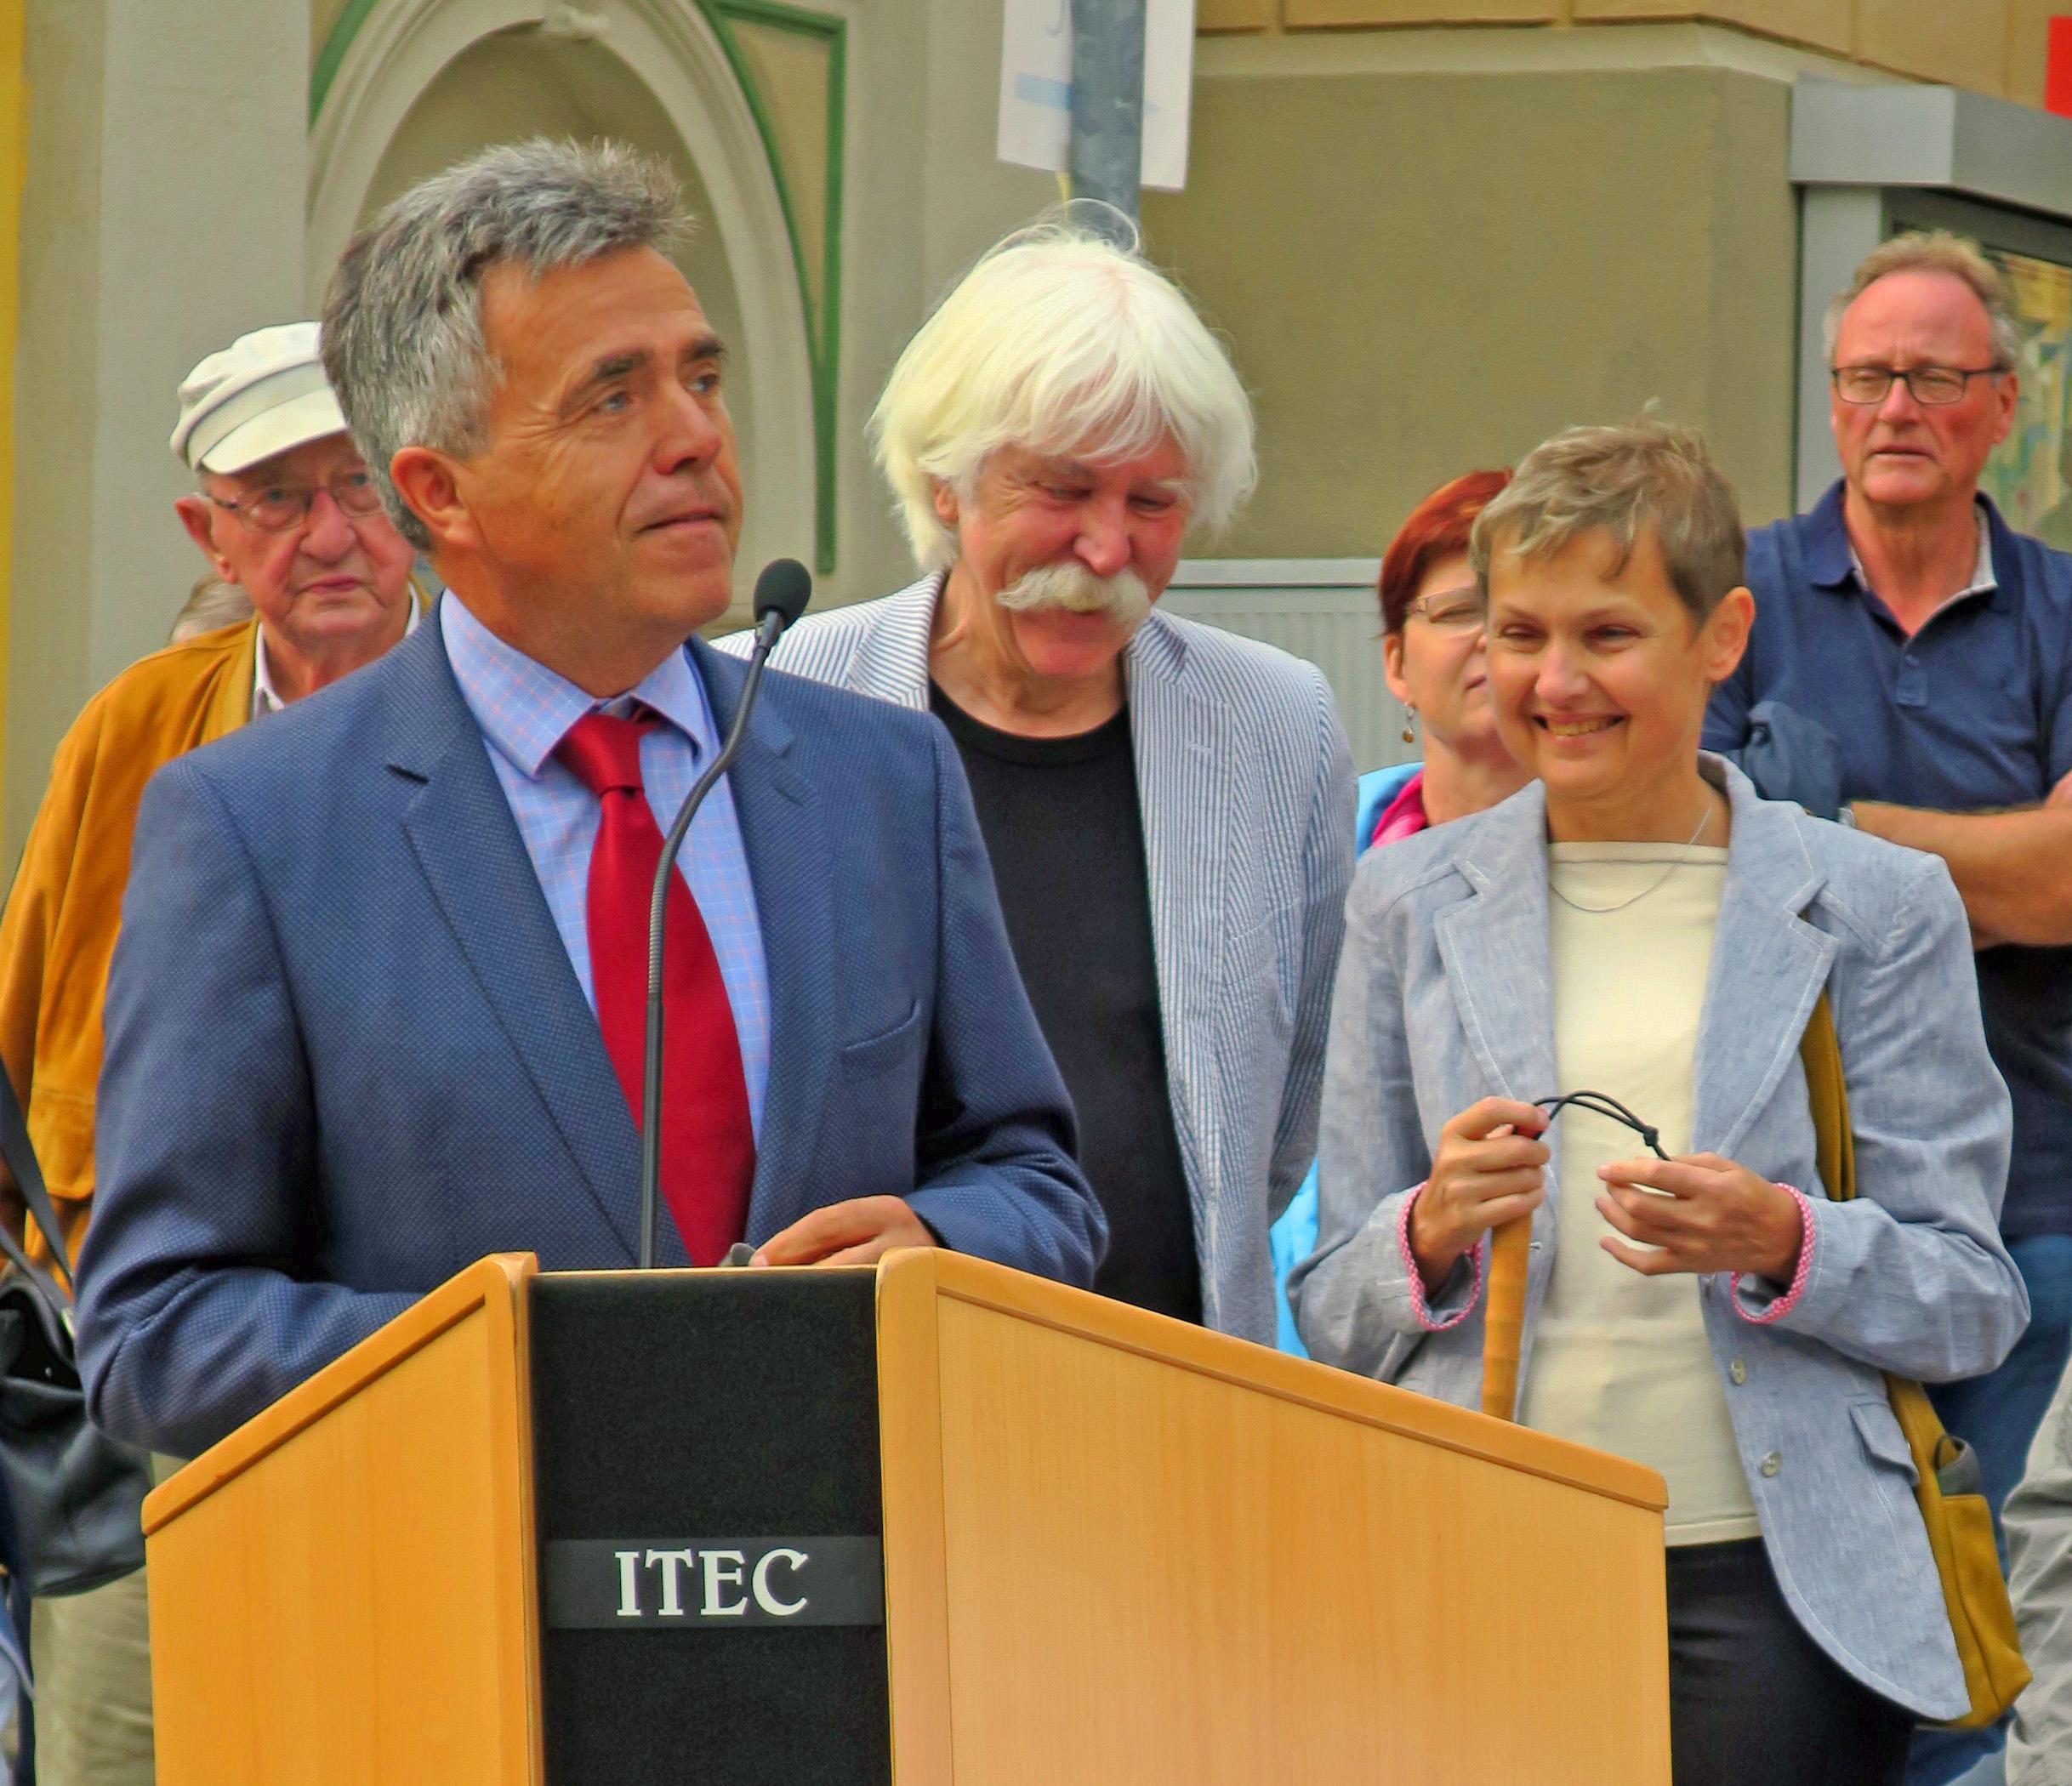 Der Landrat des sächsischen Landkreises Bautzen Hr. Harig, Modellkünstler Hr. Btoerken, Landesvorsitzende BSVS Fr. Fischer (von links nach rechts) stehen hinter dem Rednerpult.